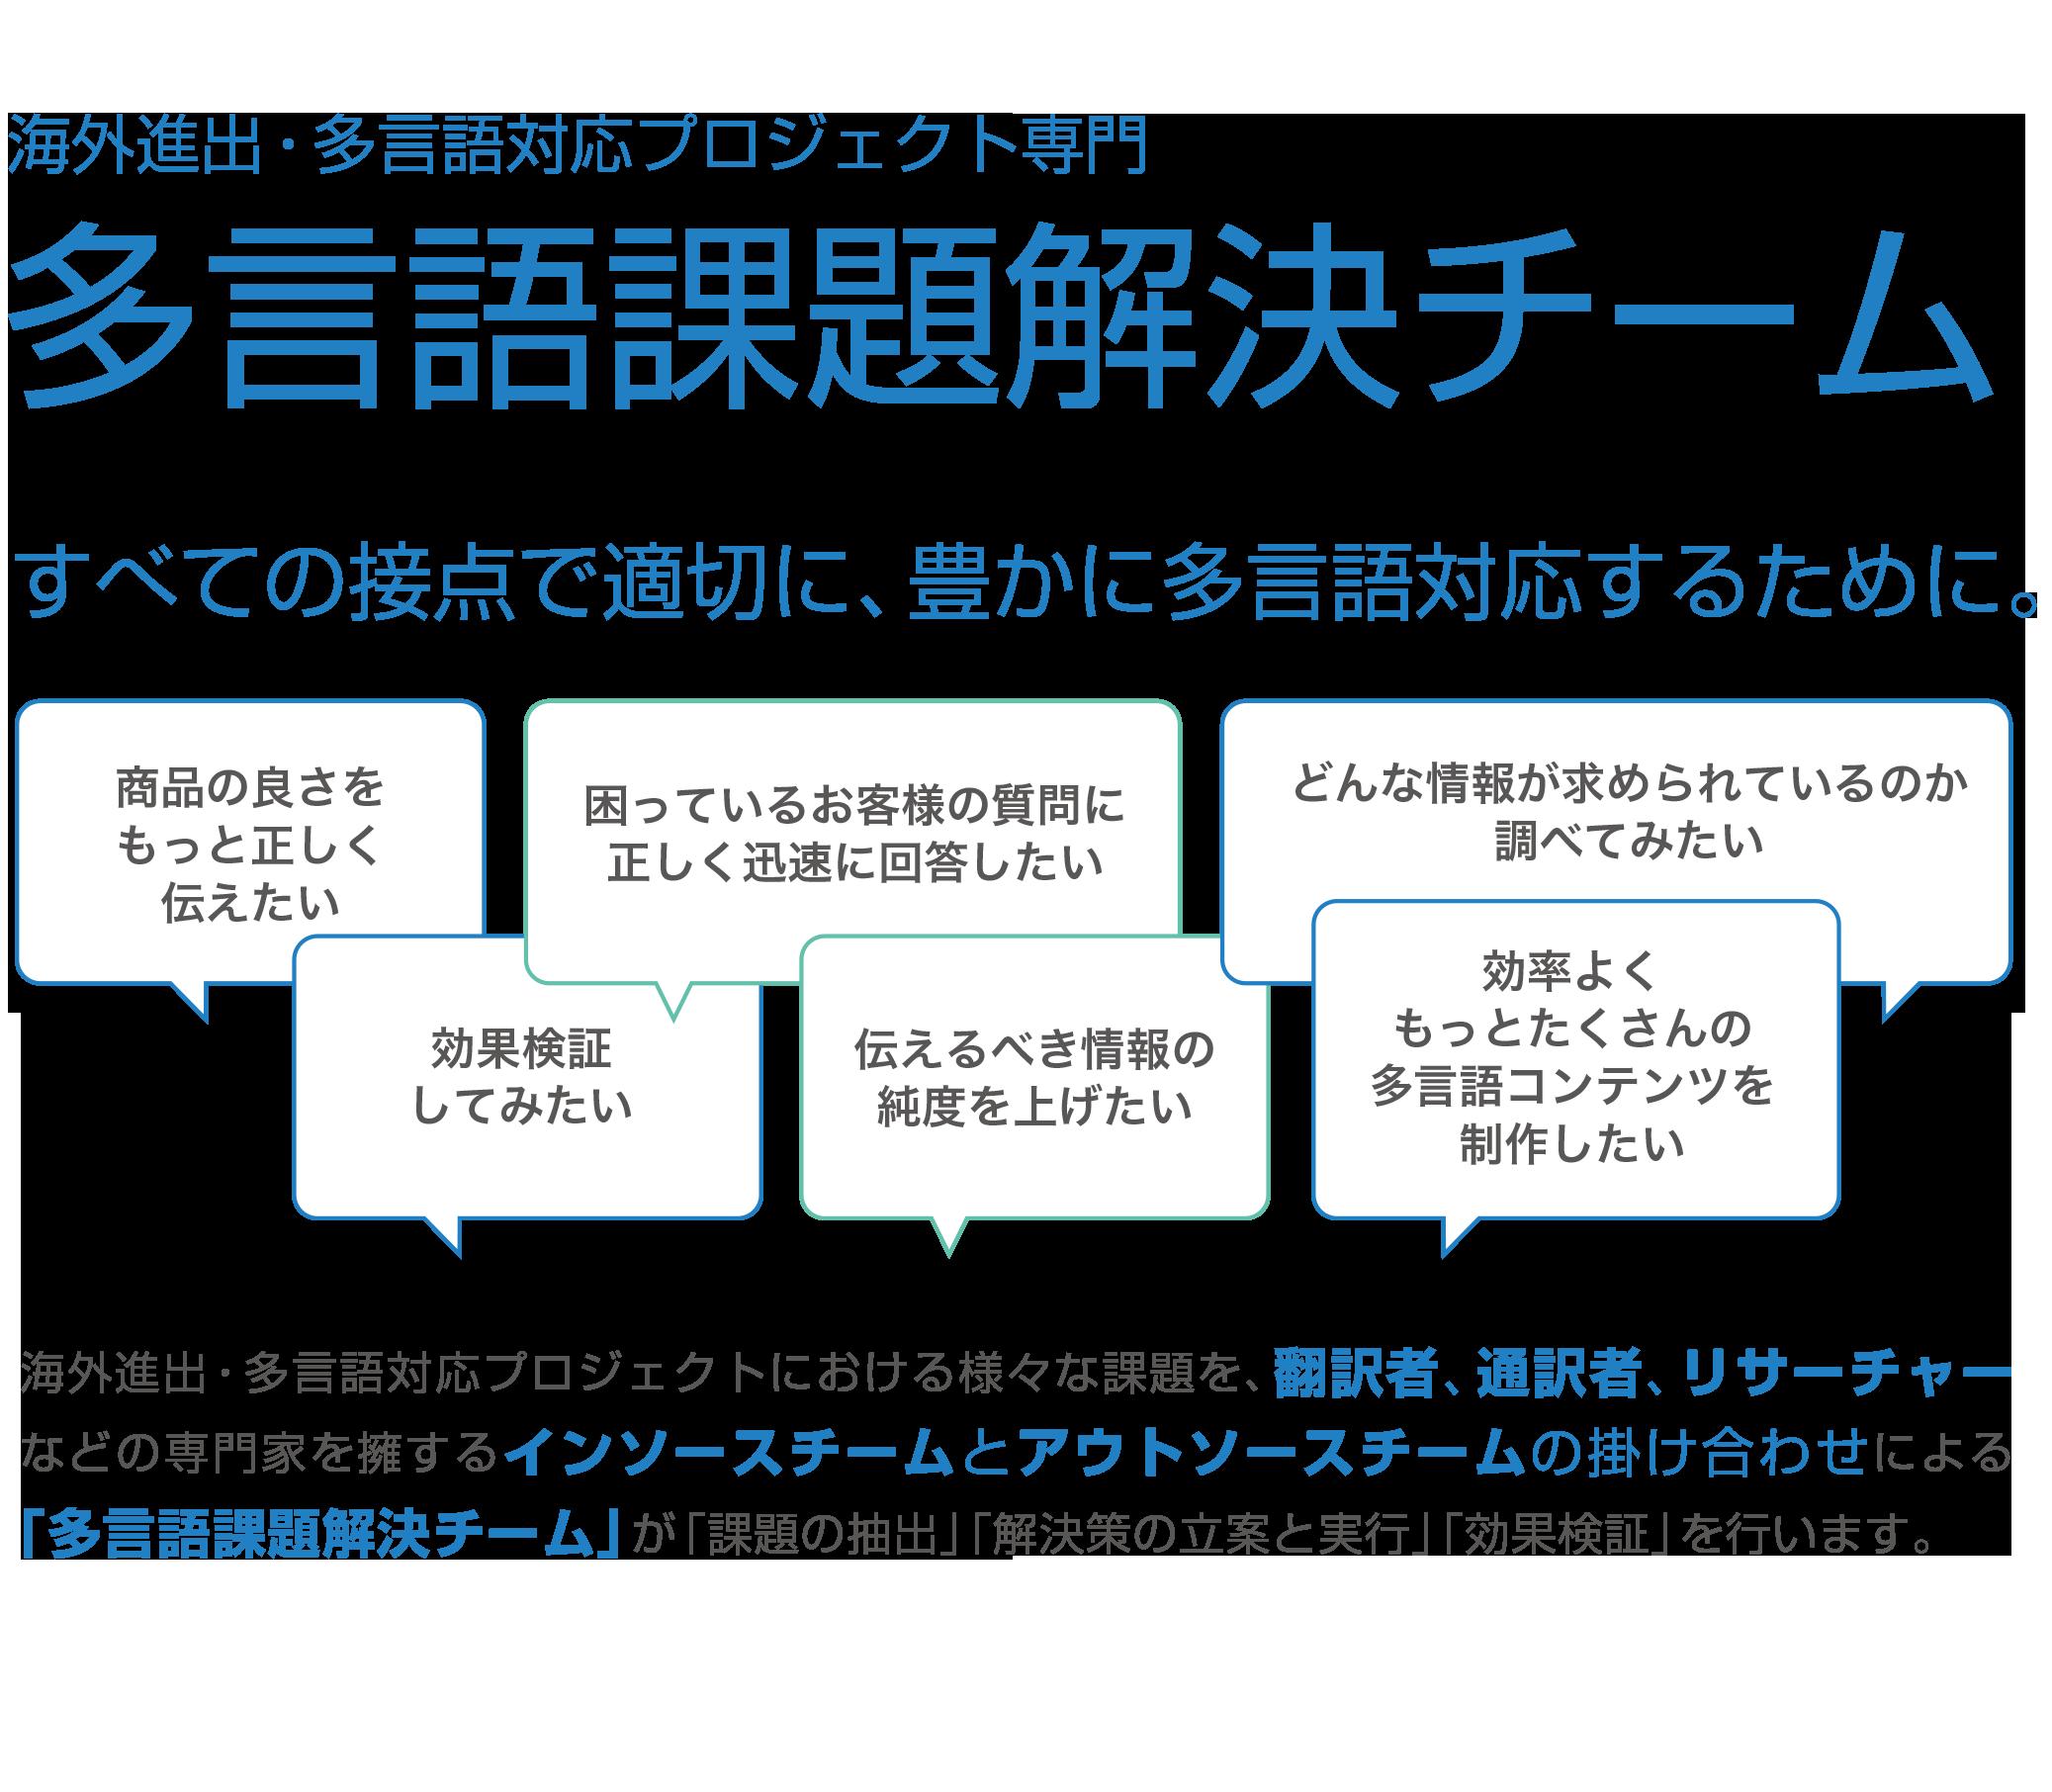 多言語課題解決チーム_20210511-1-2